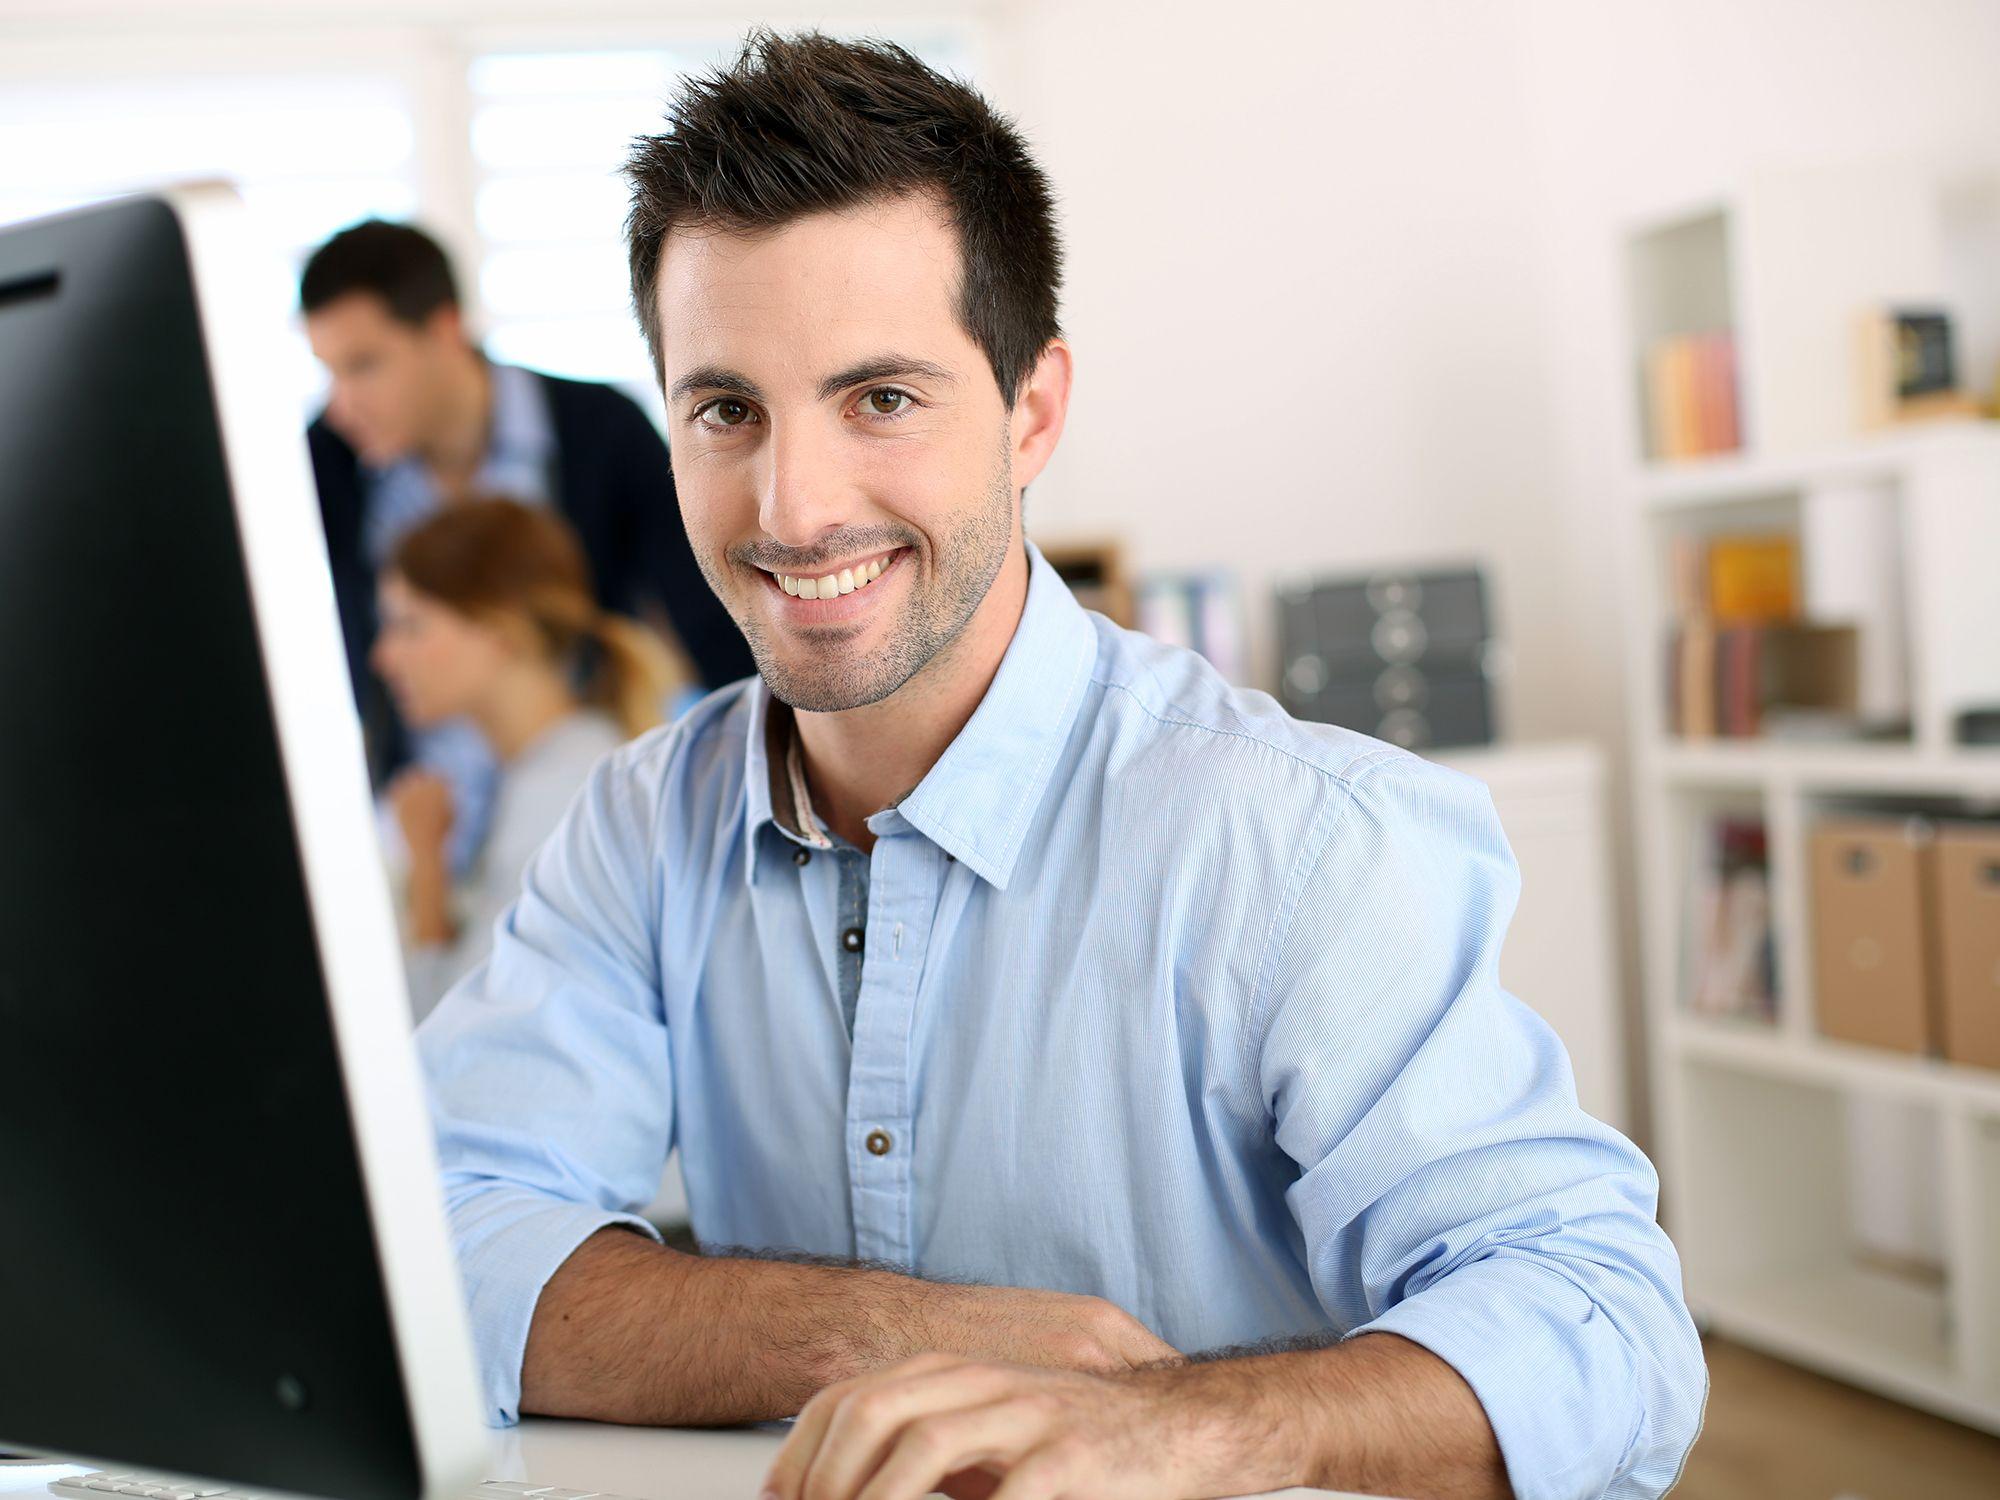 Level 6 - Büroassistenten, Büroassistentinnen, Büroassistent, Assistenz der Geschäftsführung, Büro Assistenz, Bürohilfskraft, Bürofachkraft, Büroangestellten, Bürohilfen, Bürofachkraft, Assistenten und Bürokraft, Leiharbeiter, Zeitarbeiter, Leiharbeitnehmer, Leihkraft, Temporärarbeiter für Büros, Büroarbeit, Büroaufgaben, Bürotätigkeiten, Büroorganisation, Urlaubsvertretung und Rekrutierung bei uns als Personalagentur, Zeitarbeitsfirma, Zeitarbeitsunternehmen, Personal-Service-Agentur, Personaldienstleistungsagentur und Leiharbeitsfirma per Arbeitnehmer-Leasing, Arbeitnehmerüberlassung, Arbeitskräfte-Leasing, Arbeitskräfteüberlassung, Arbeitskraftüberlassung, Leiharbeit, Mitarbeiter-Leasing, Mitarbeiterleasing, Mitarbeiterüberlassung, Personaldienstleistung, Personalleasing, Personalüberlassung, Temporärarbeit, Zeitarbeit buchen, mieten, leihen oder langfristig neue Mitarbeiter für Jobs wie Büro Jobs, Schülerjobs, Ferienjobs, Aushilfsjobs, Studentenjobs, Werkstudentenjobs, Saisonjobs, Vollzeit Jobs, Teilzeit Jobs, Nebenjobs, Temporär Jobs, Gelegenheitsjobs per Personalvermittlung suchen, finden und vermittelt bekommen.